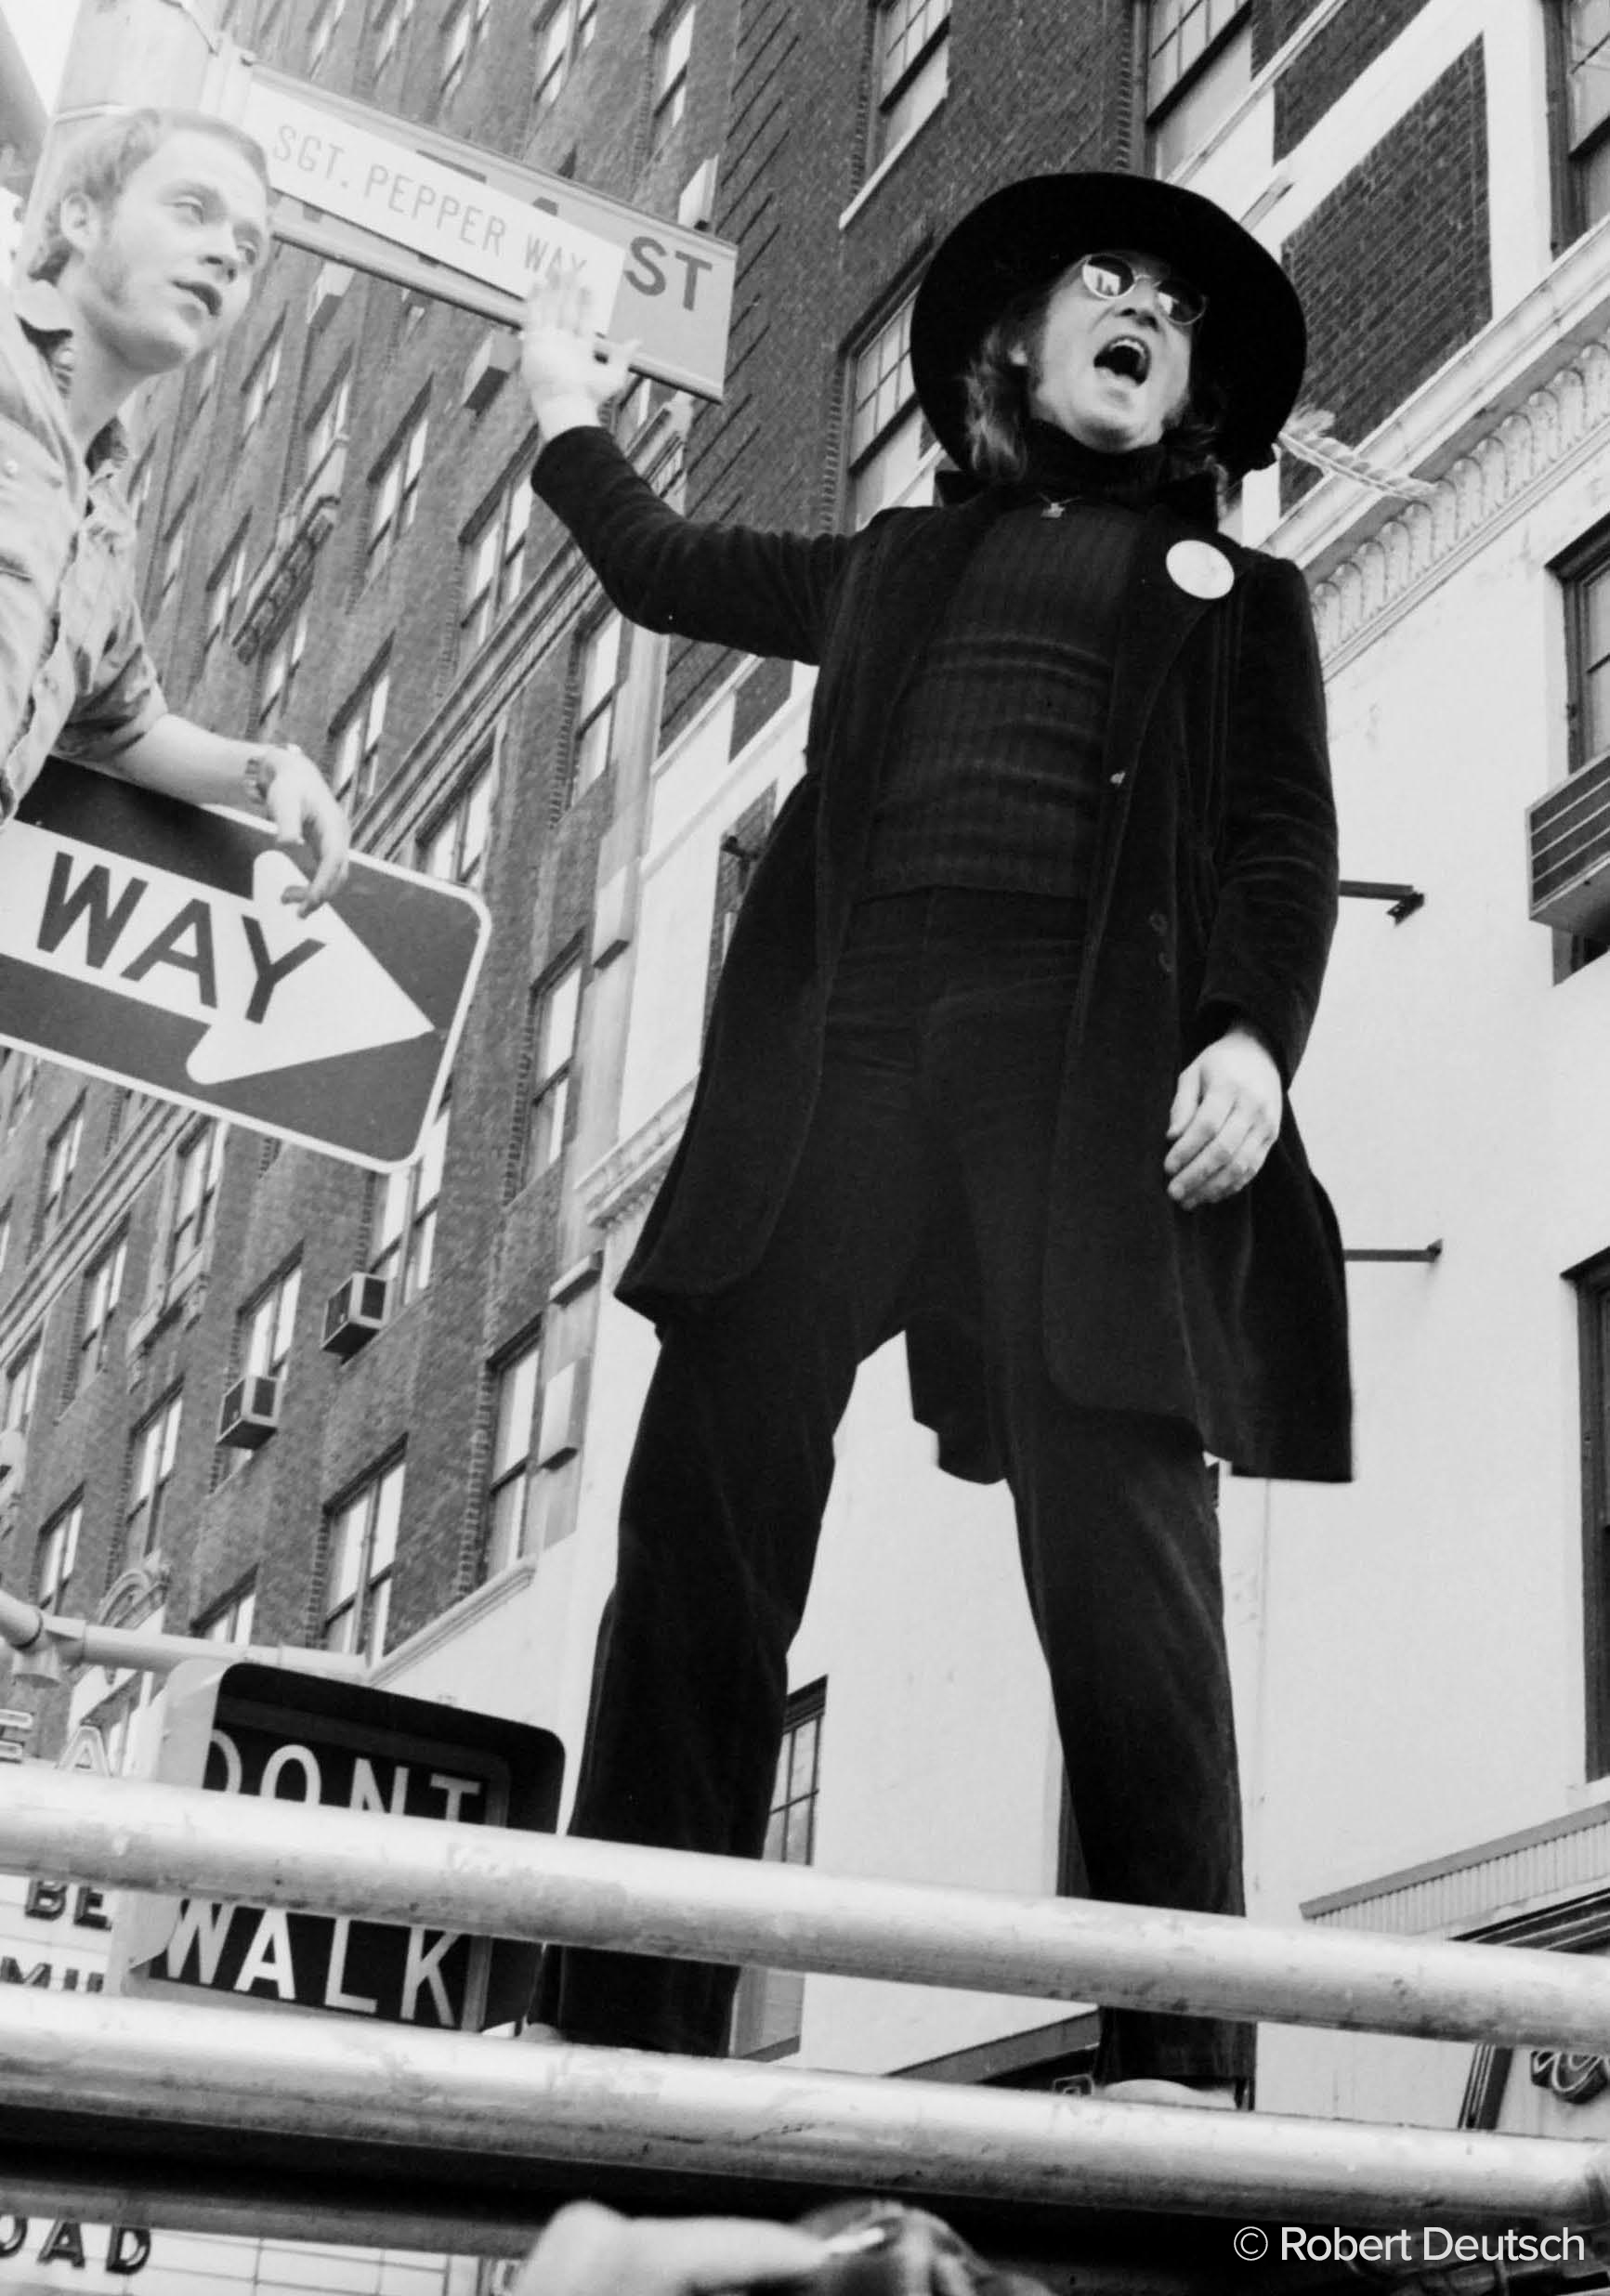 The Beatles Polska: Wystawa zdjęć Johna Lennona wykonanych przez Roberta Deutscha w muzem Beatles Story